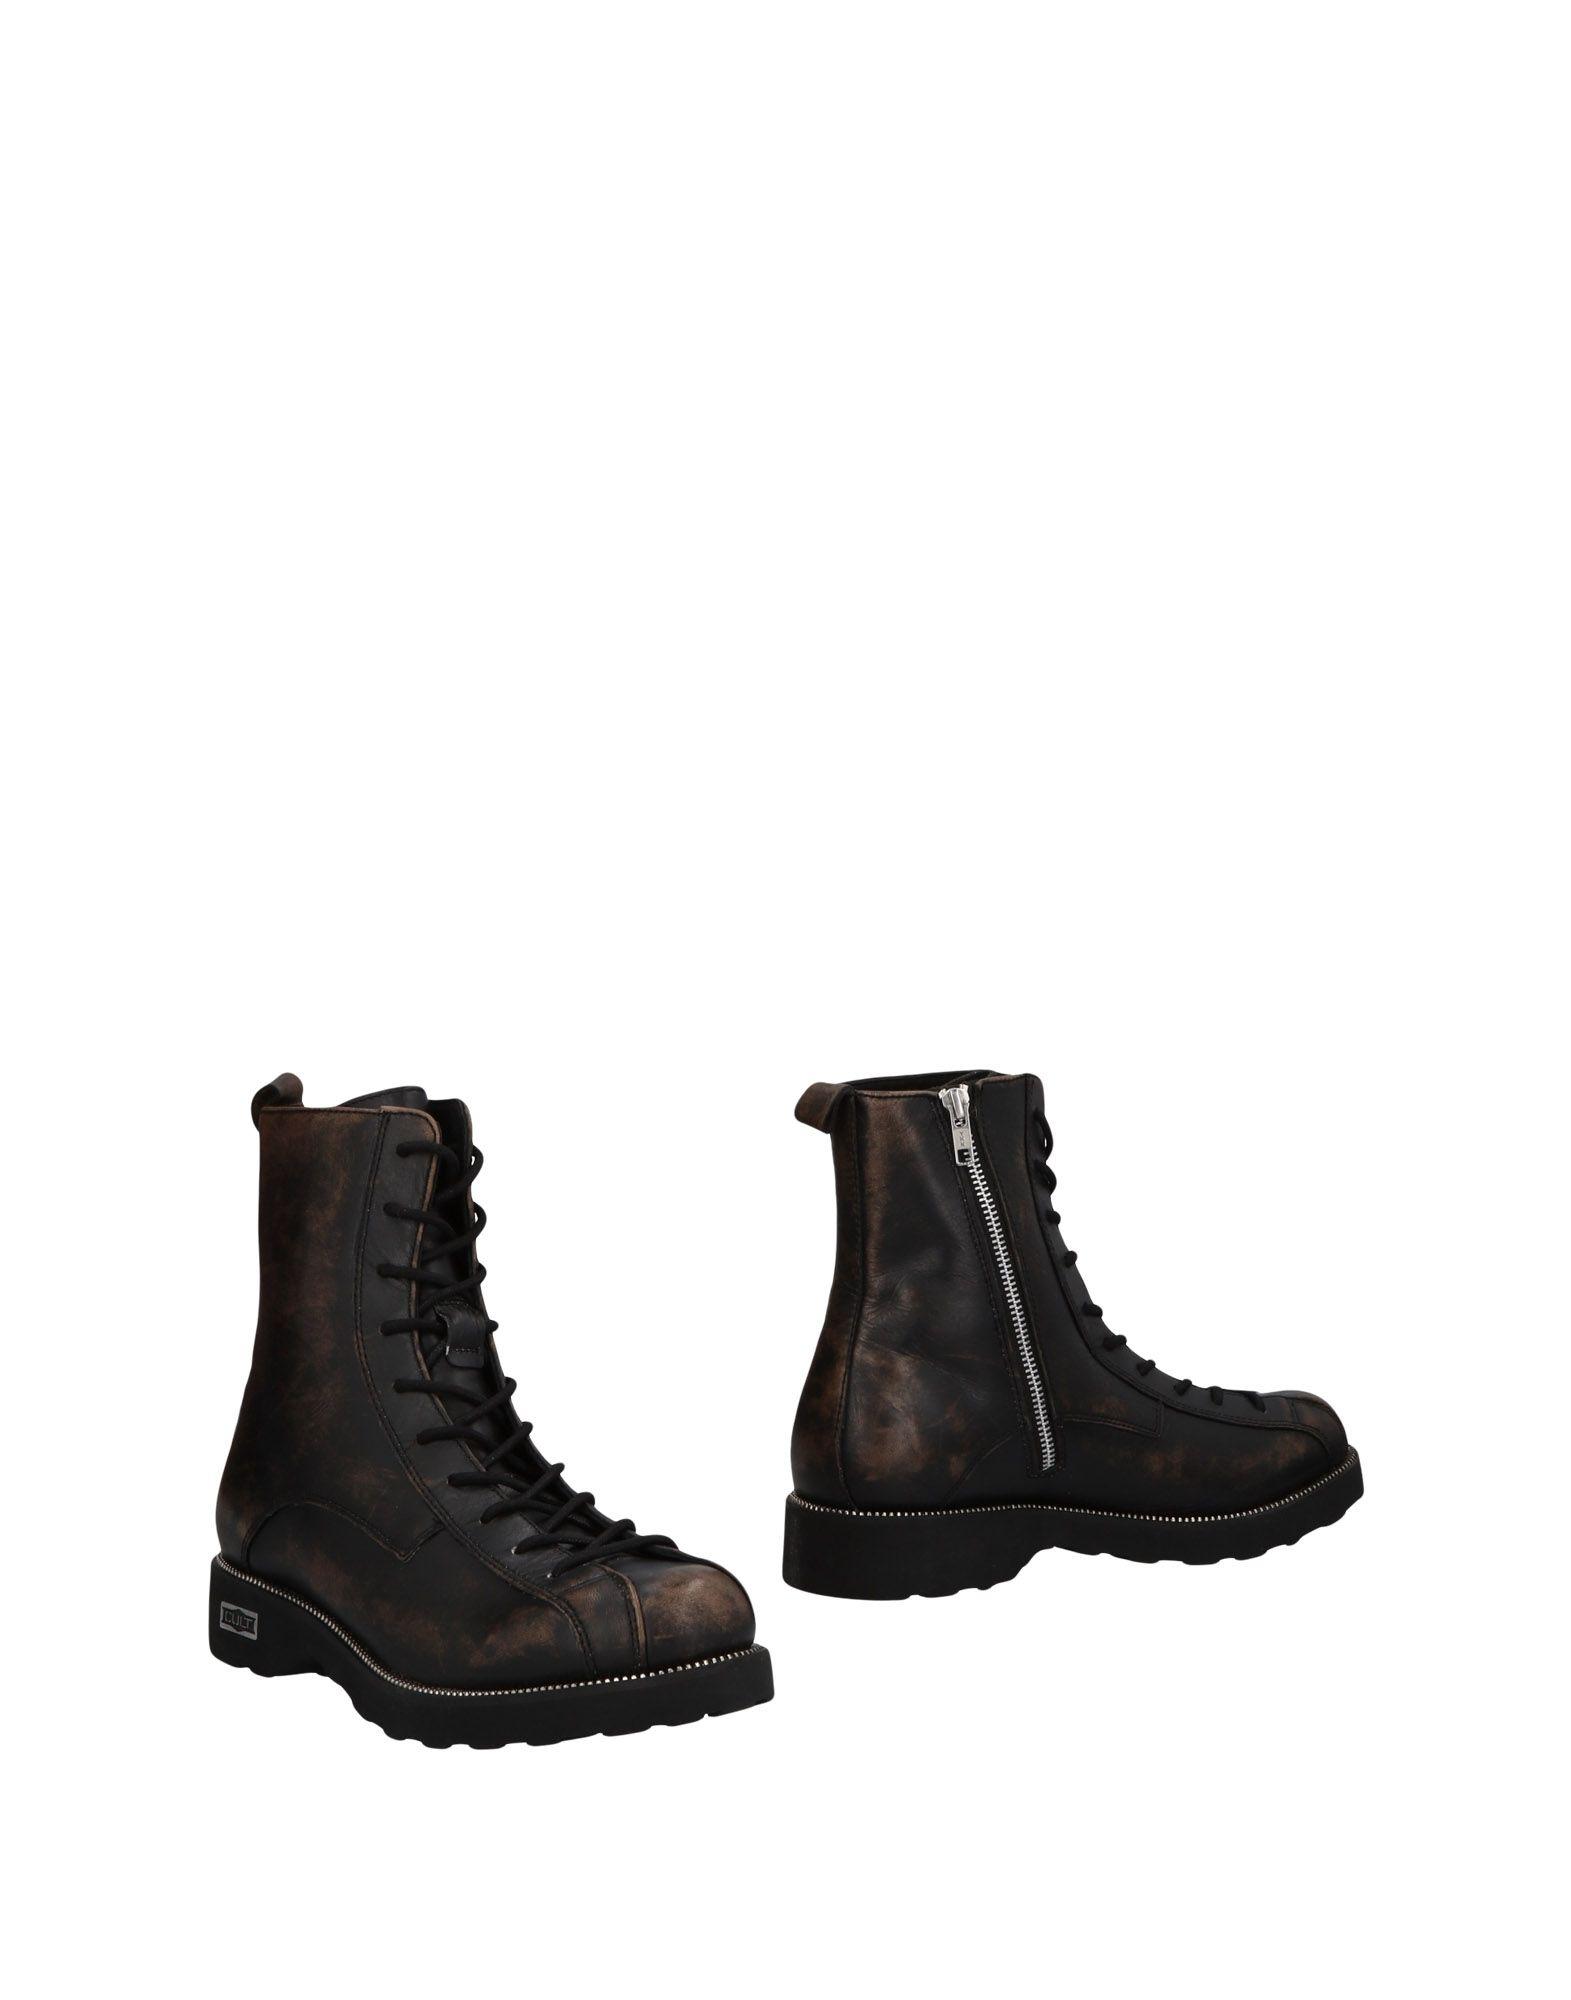 11474782GN Cult Stiefelette Herren  11474782GN  Heiße Schuhe abed11